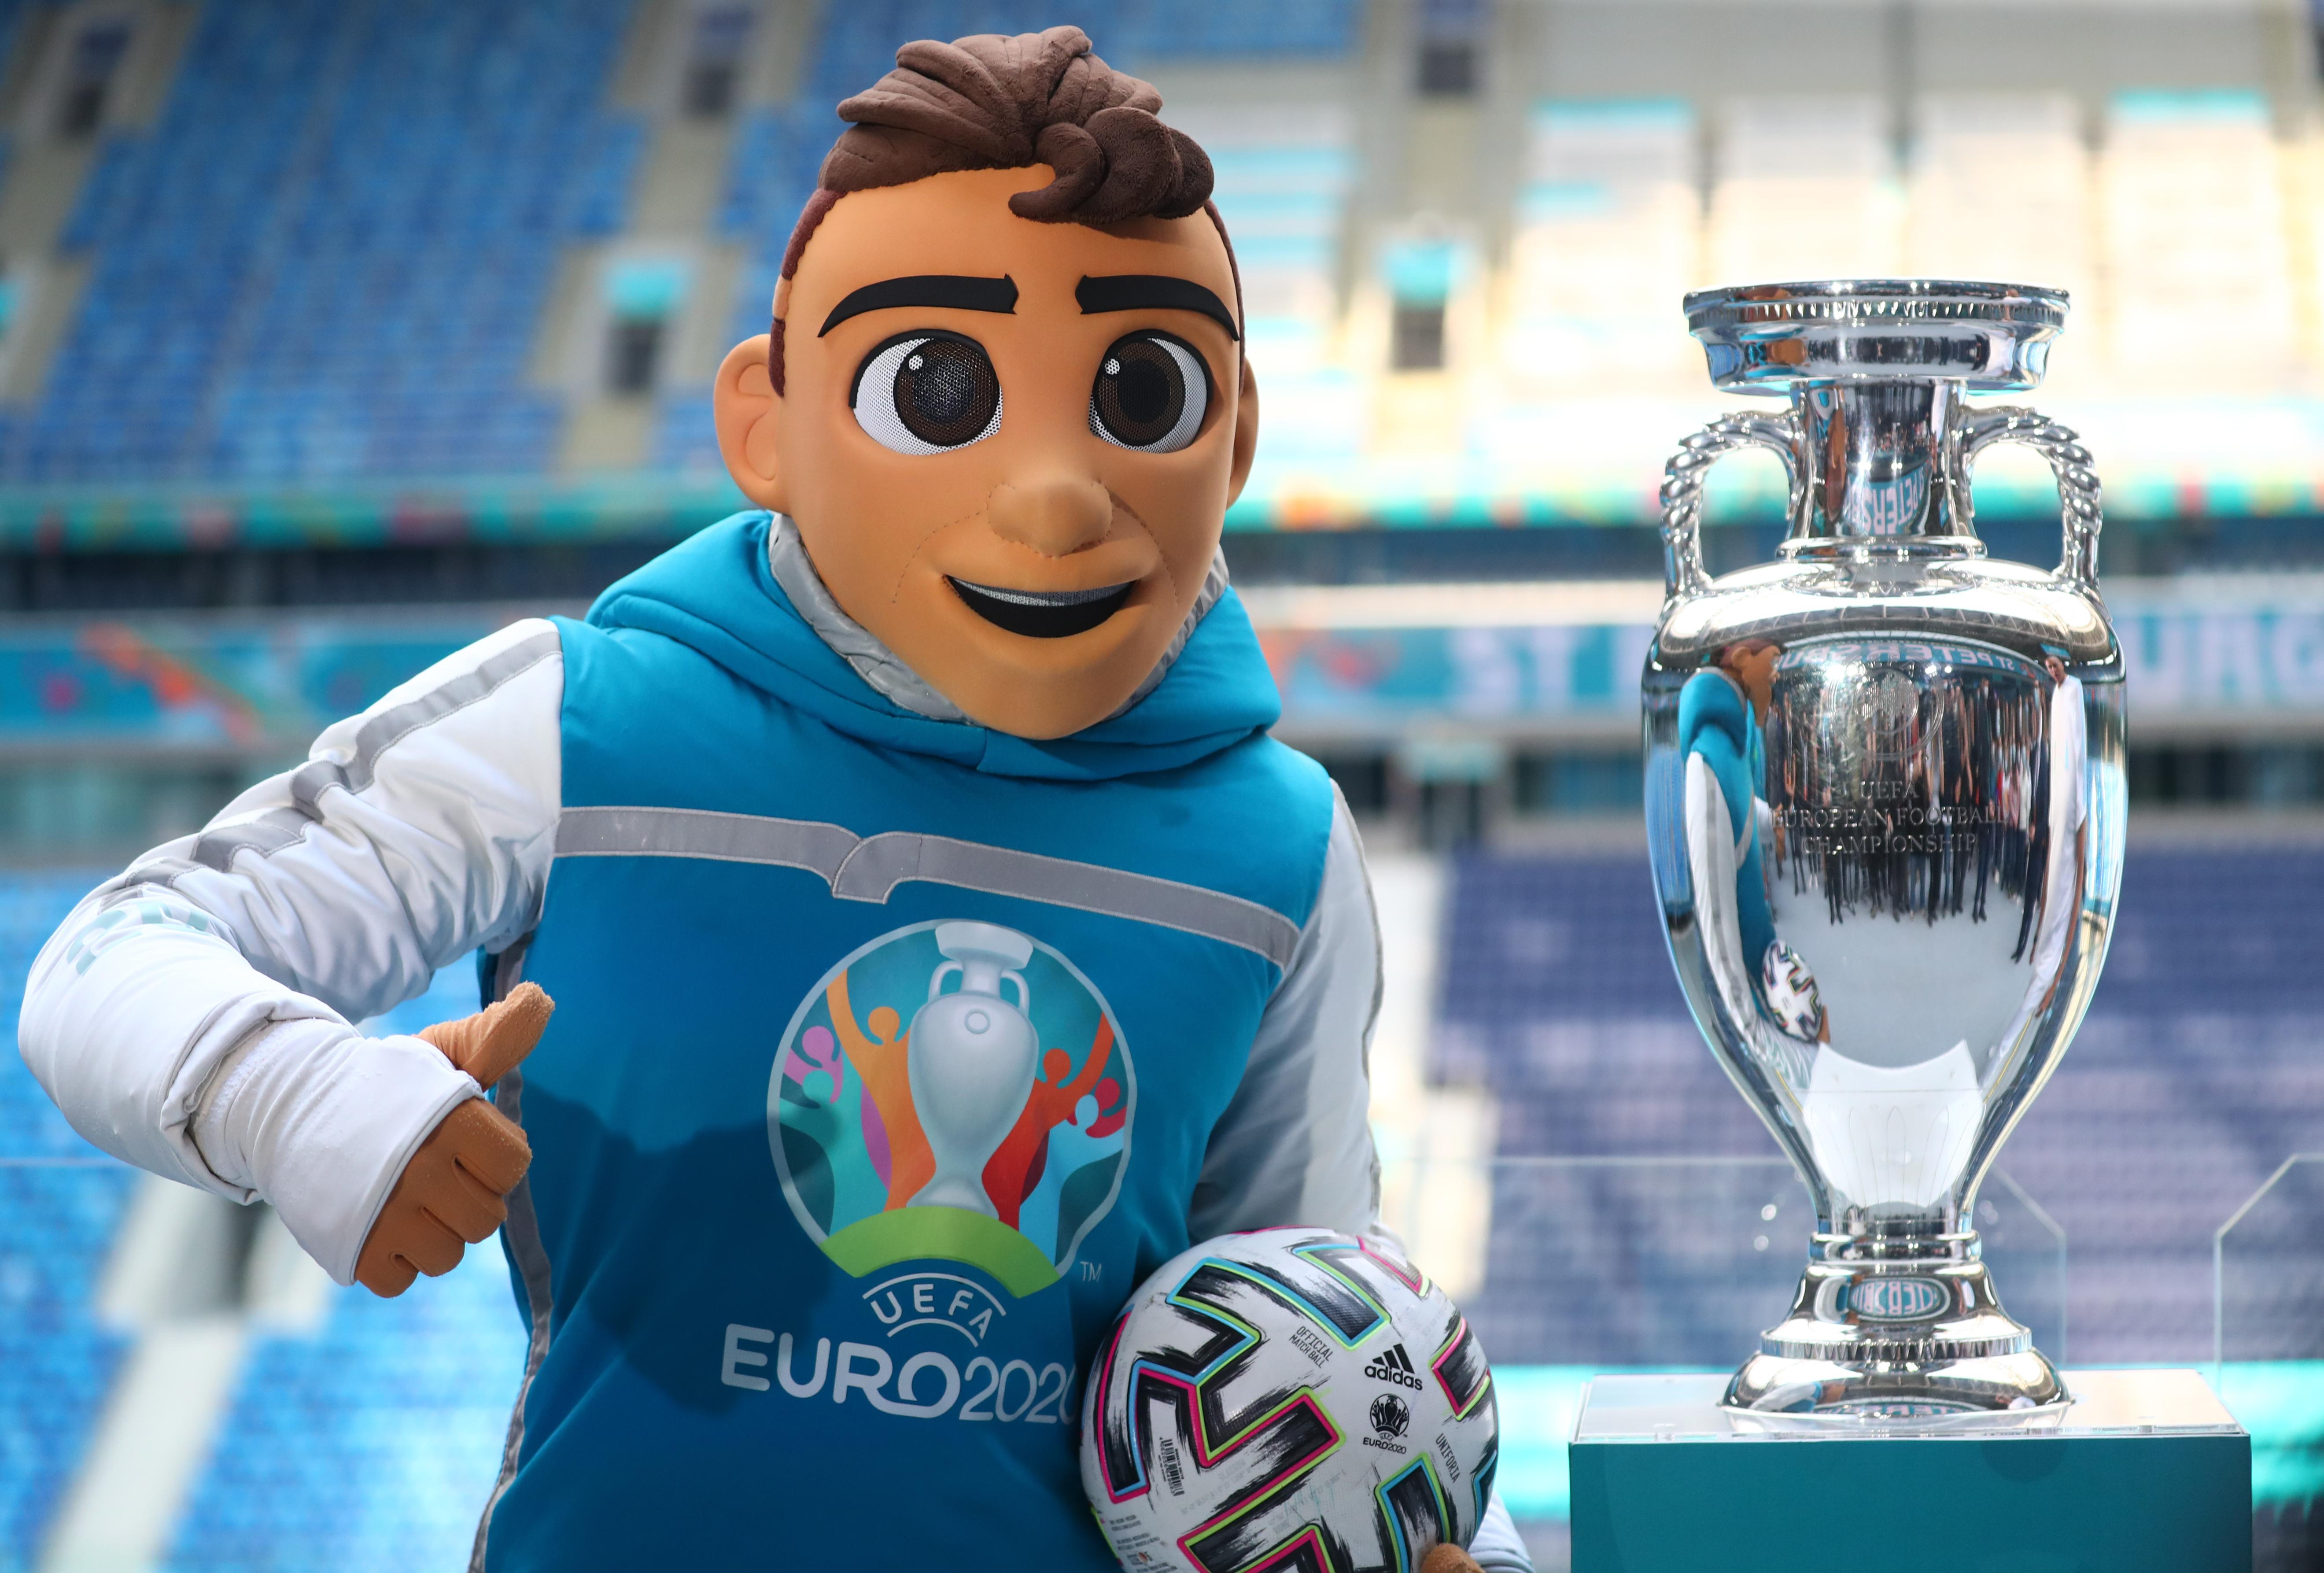 UEFA Euro 2020 trophy on display in St Petersburg, Russia